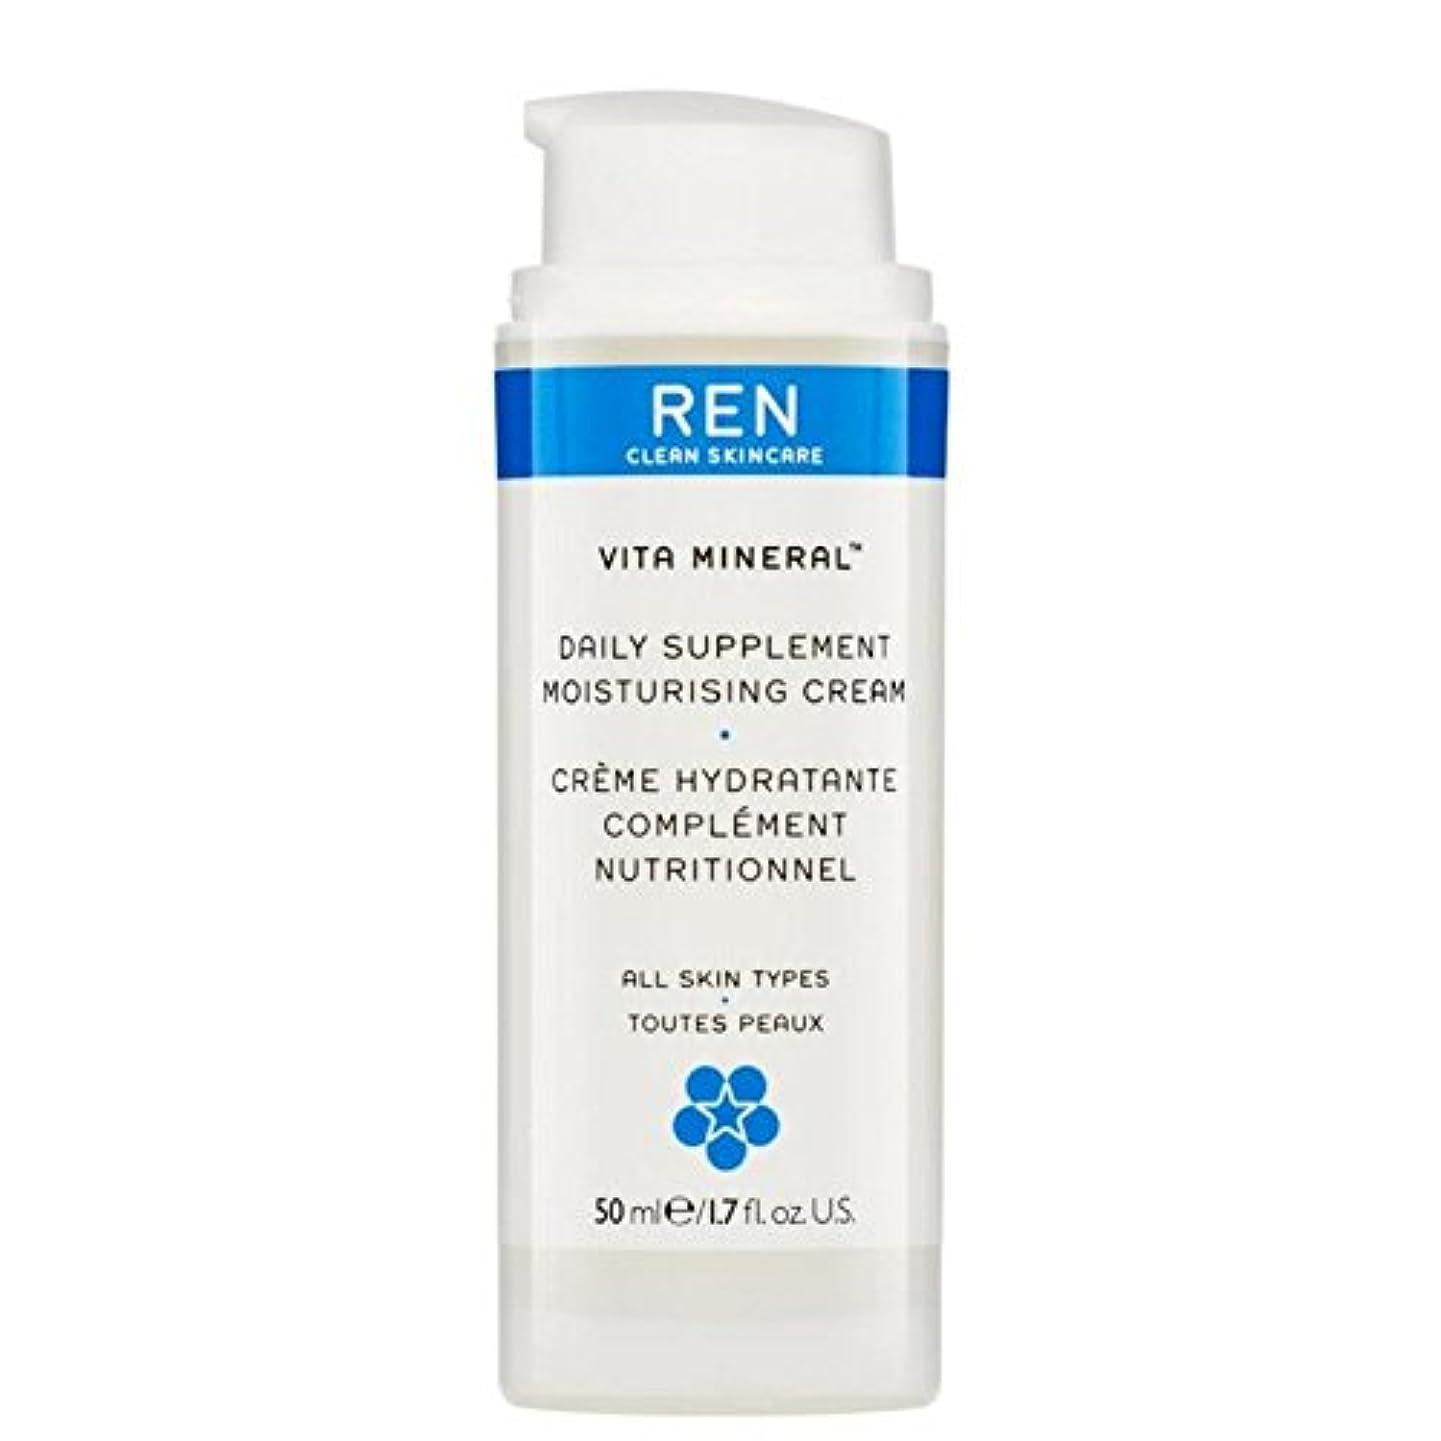 感謝祭飼料ひまわりヴィータミネラル毎日サプリメント保湿クリーム x4 - REN Vita Mineral Daily Supplement Moisturising Cream (Pack of 4) [並行輸入品]